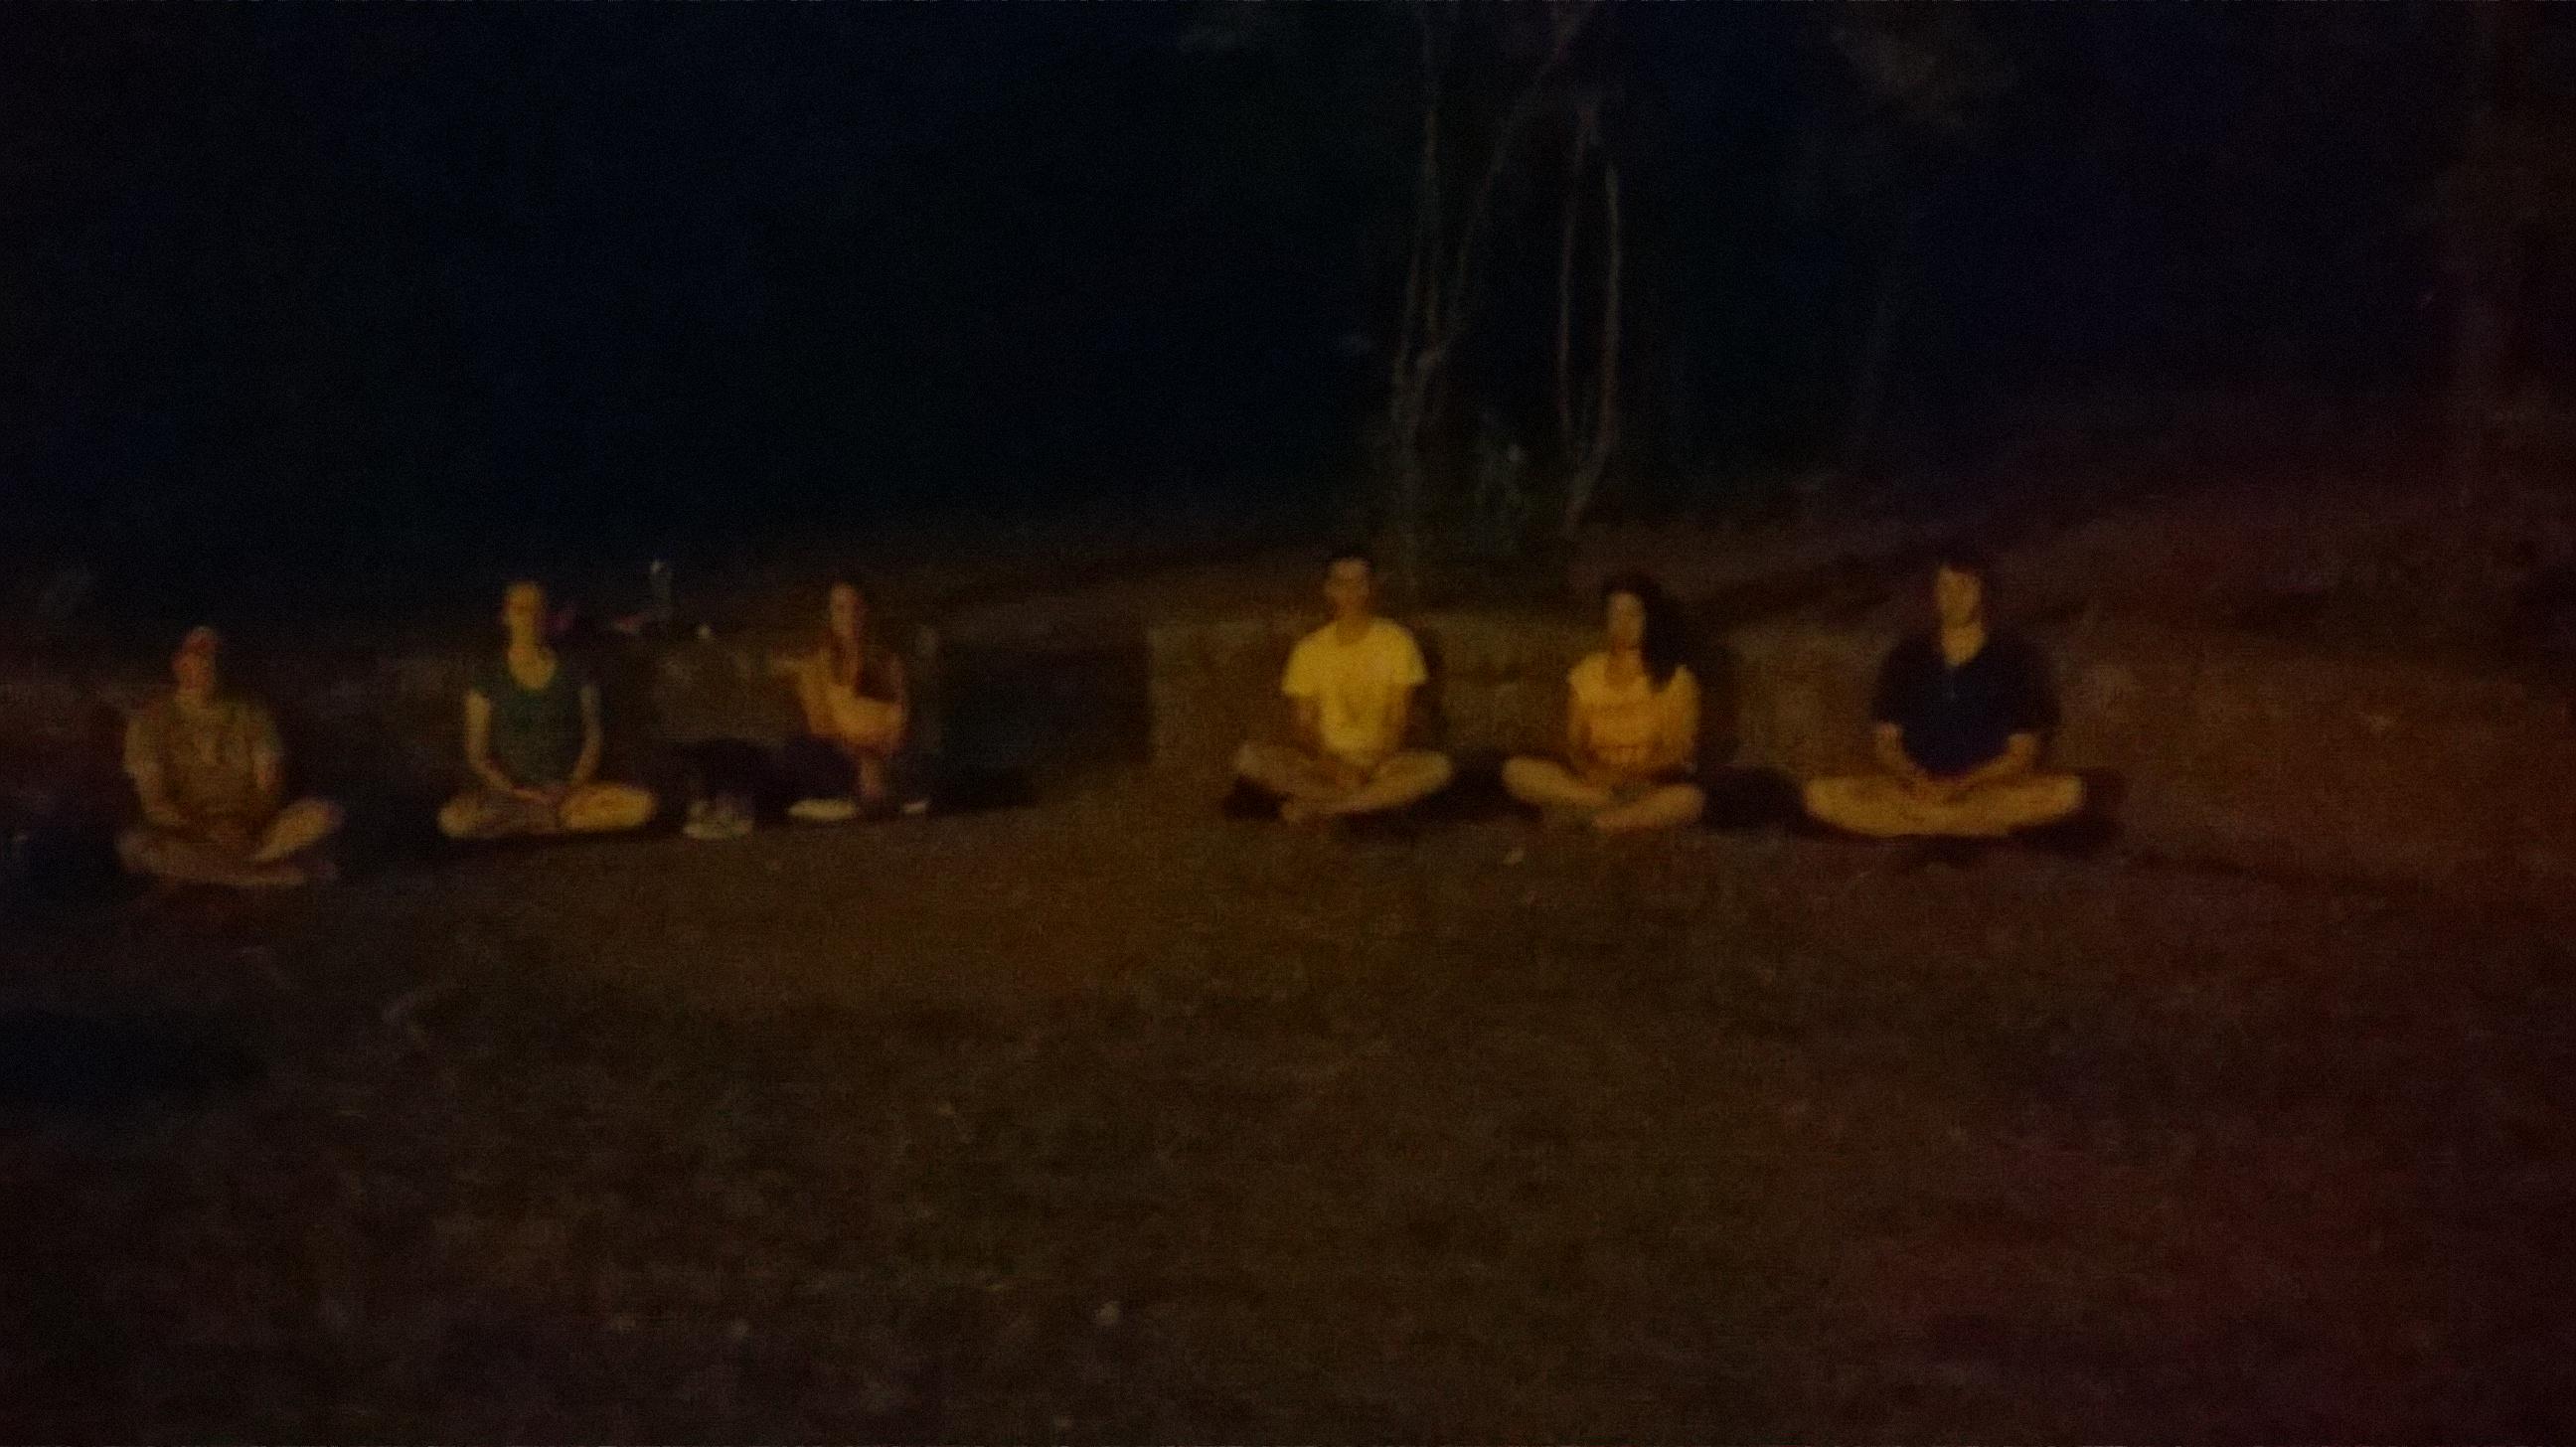 Meditation session at dusk